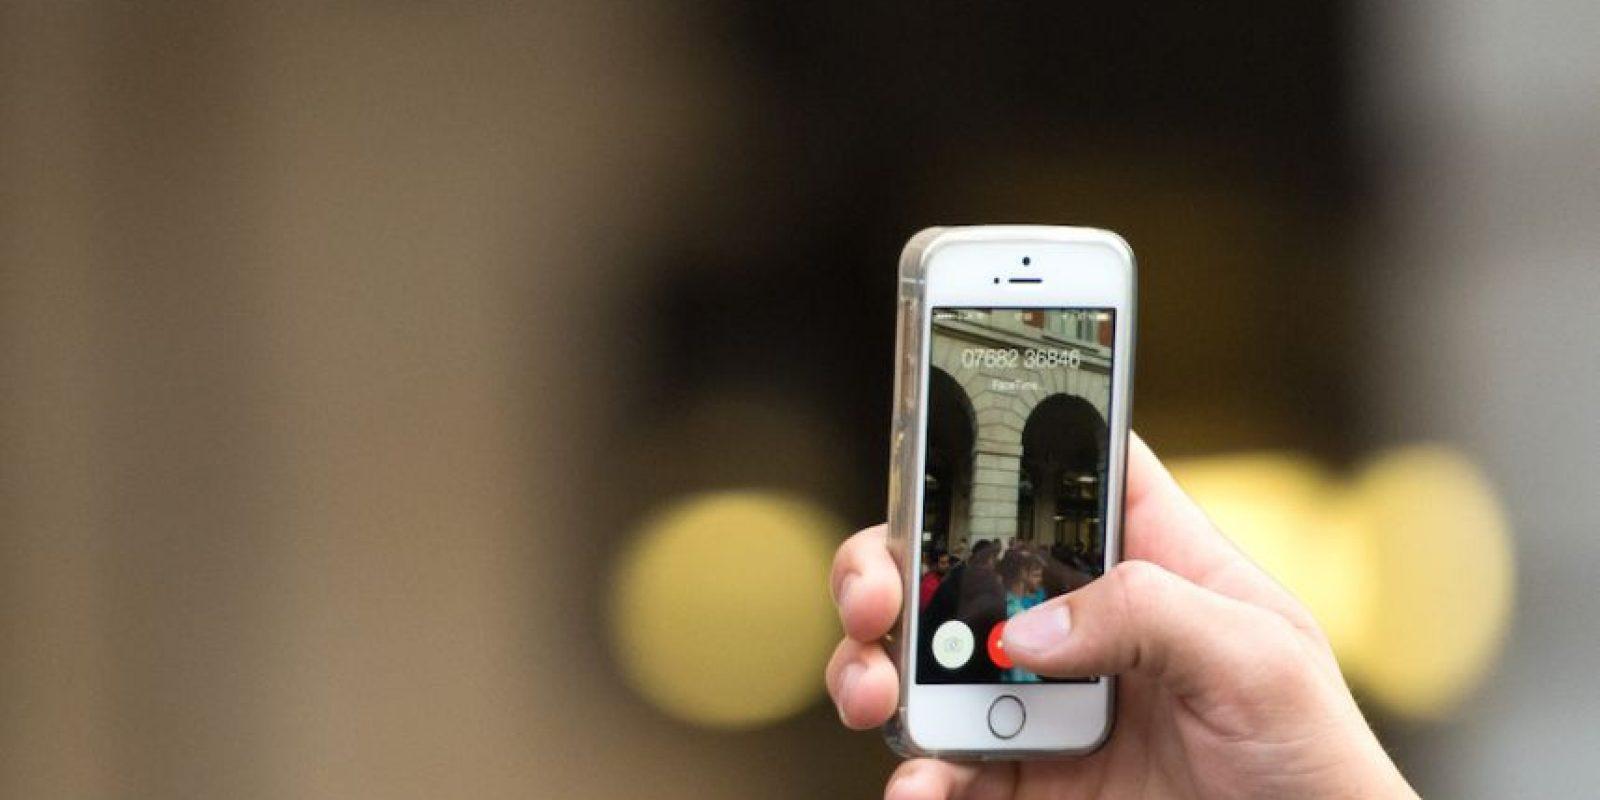 Mejor cámara: Ha sido el pedido desde hace mucho tiempo pero Apple no le ha dado una mayor cantidad de megapixeles a sus cámaras, ni siquiera a la frontal para selfies. Foto:Getty Images